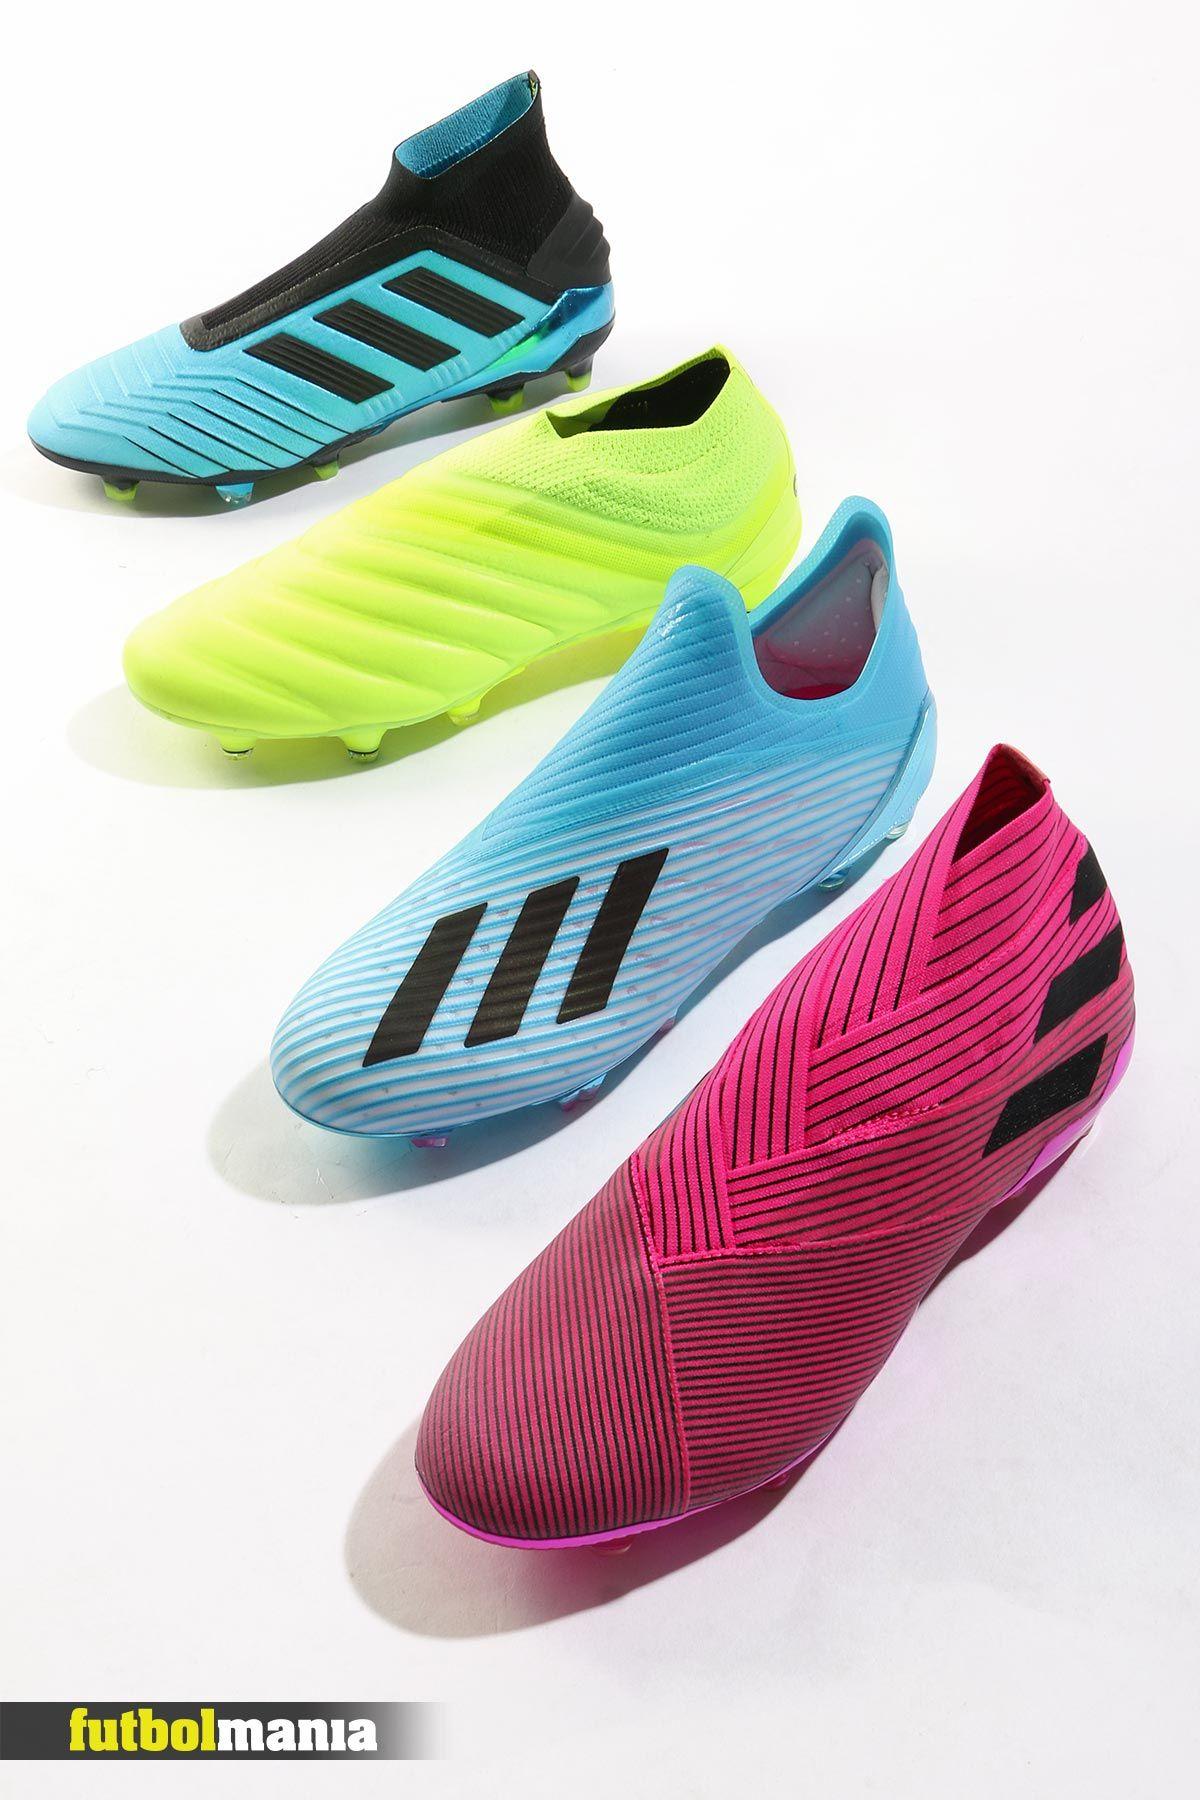 Agacharse Groseramente fama  500+ ideas de ADIDAS | zapatos de fútbol, botas de futbol, fútbol